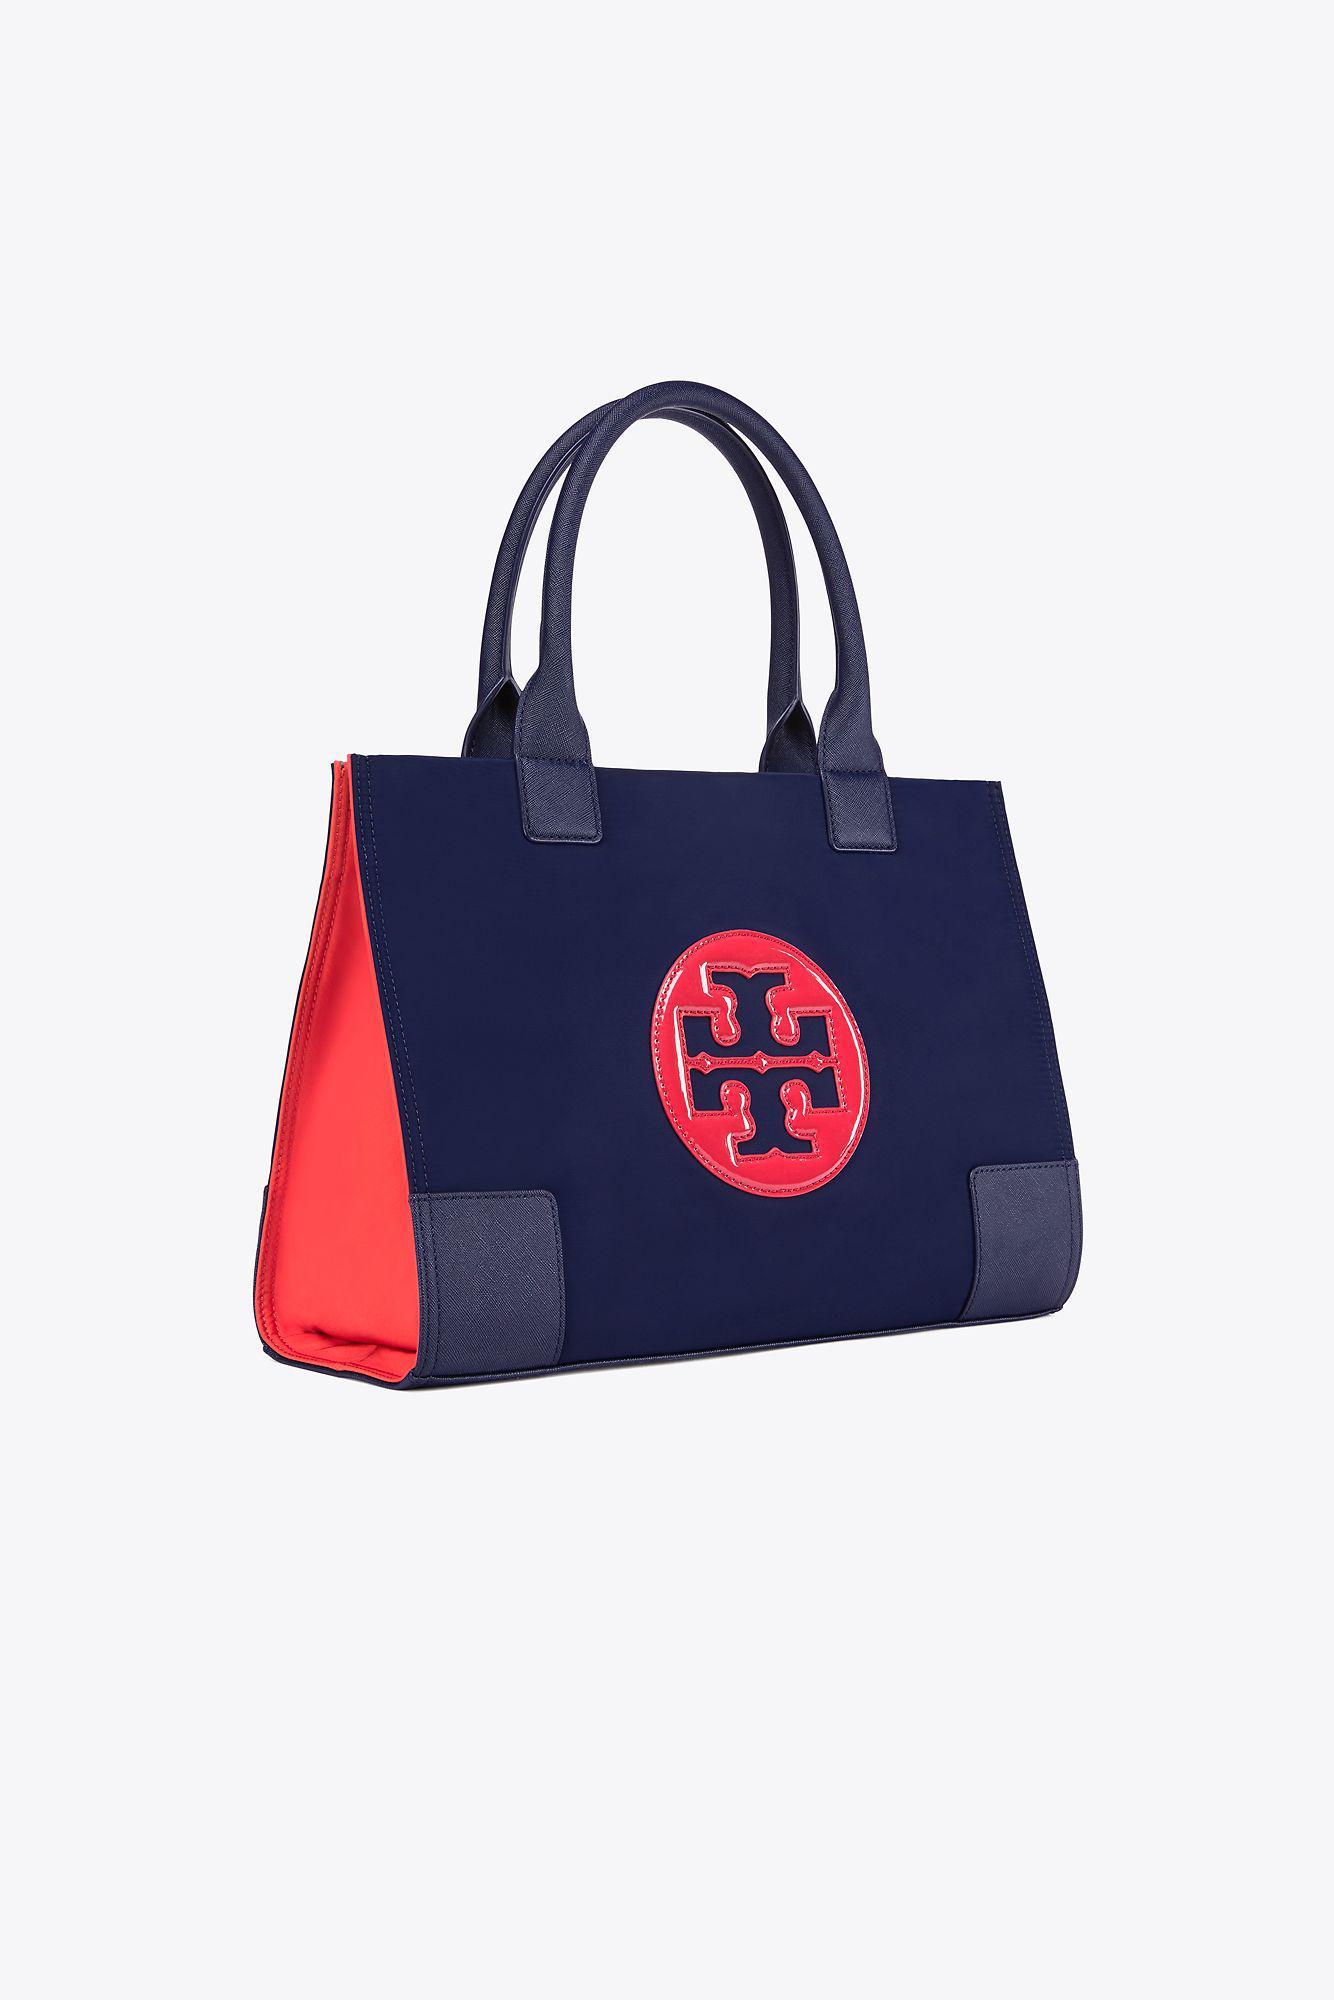 47c7f232fc5b Lyst - Tory Burch Ella Color-block Mini Tote in Blue